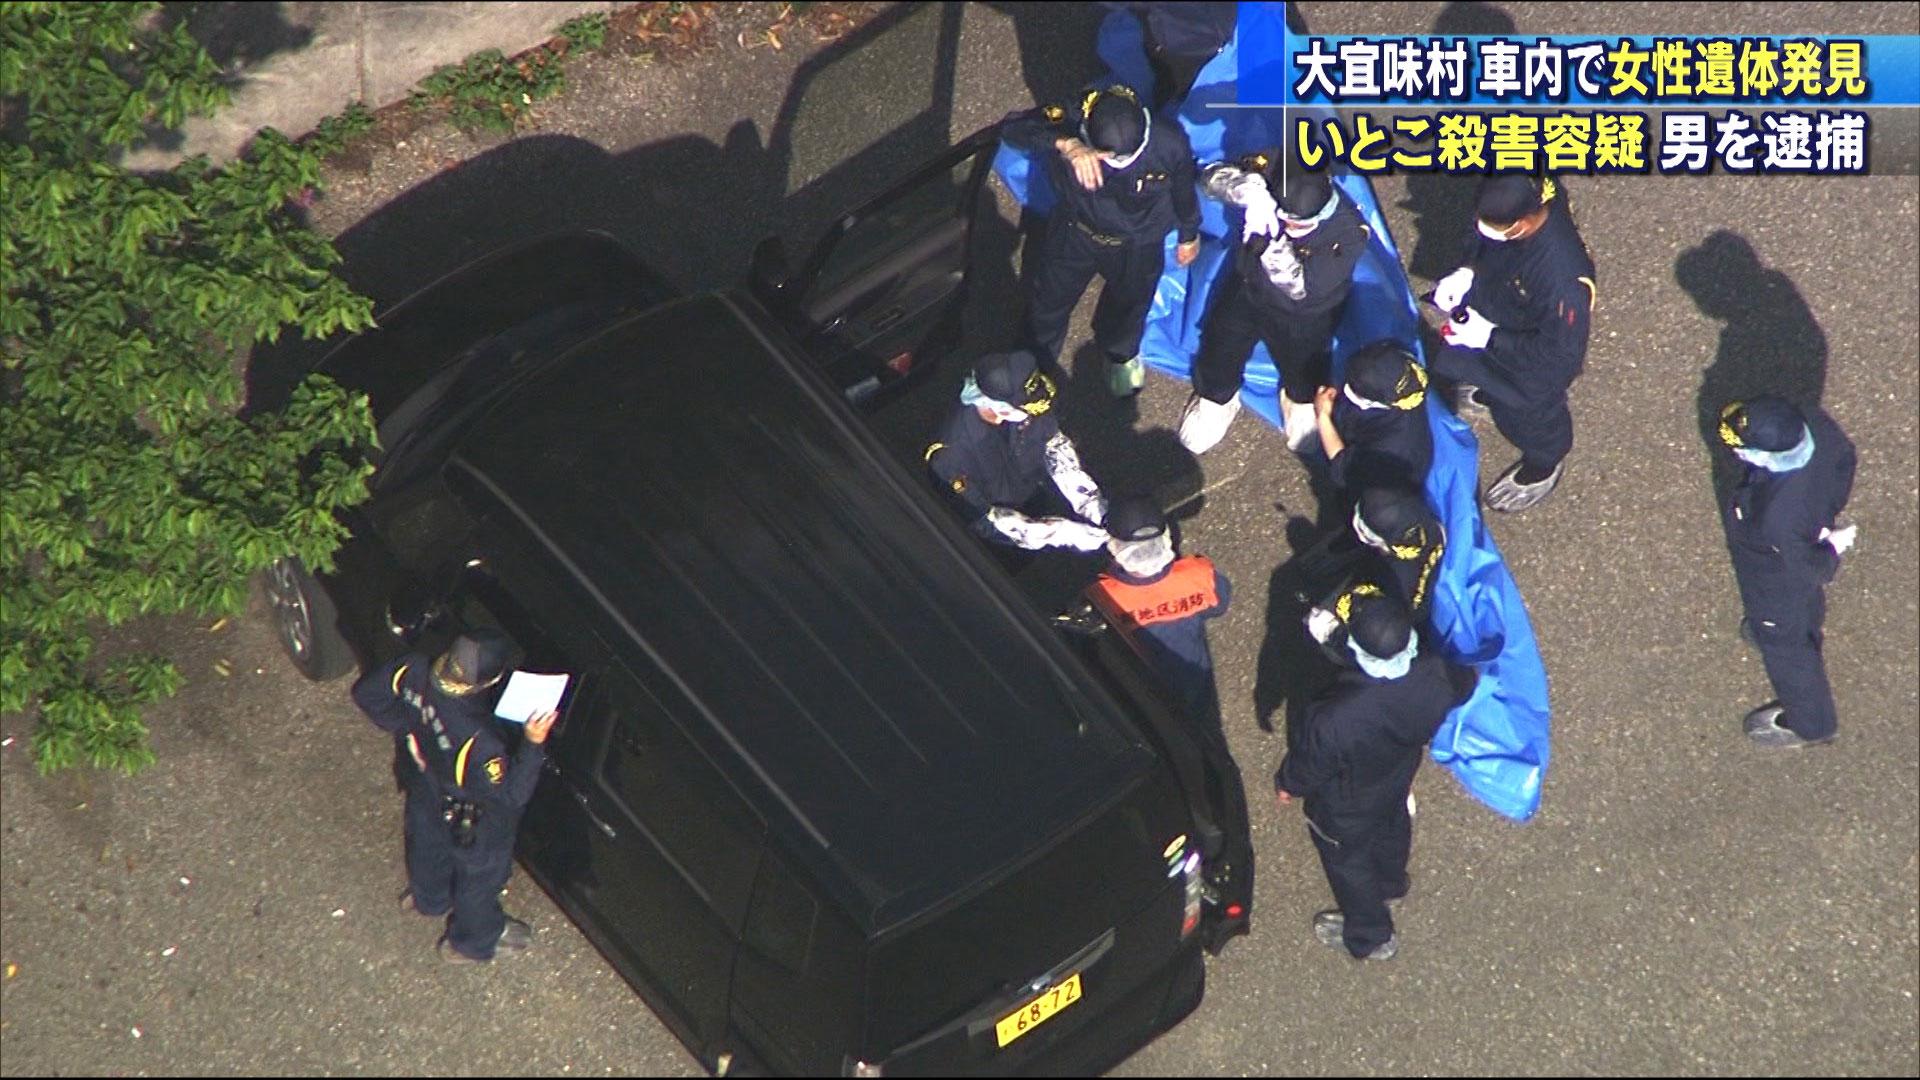 レンタカー車内で女性遺体発見 いとこの男を逮捕